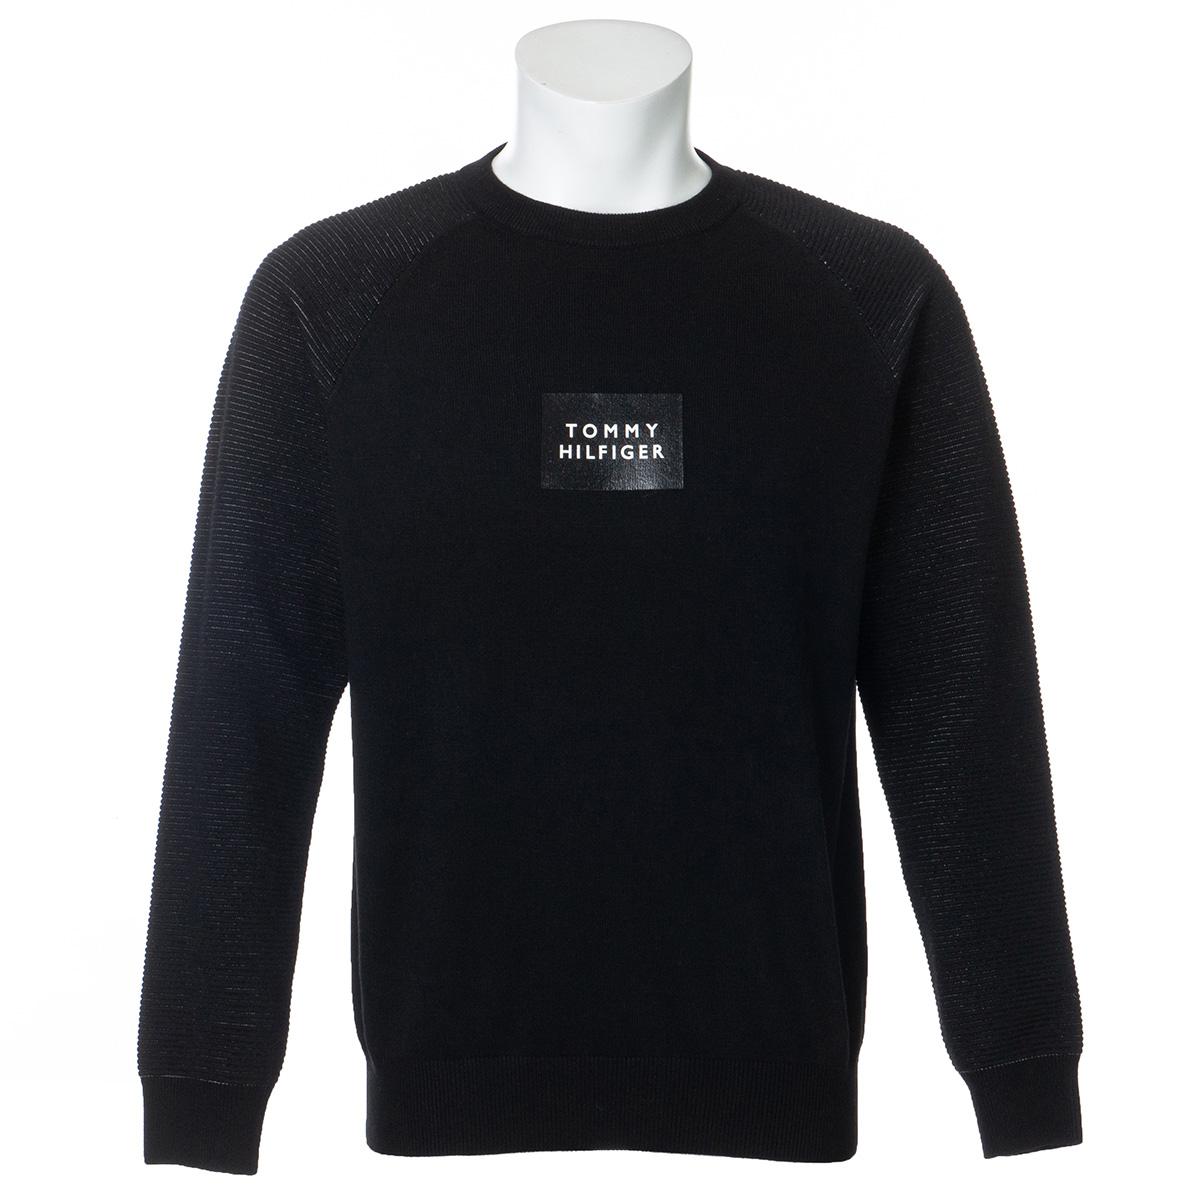 モノクローム クルーネックセーター